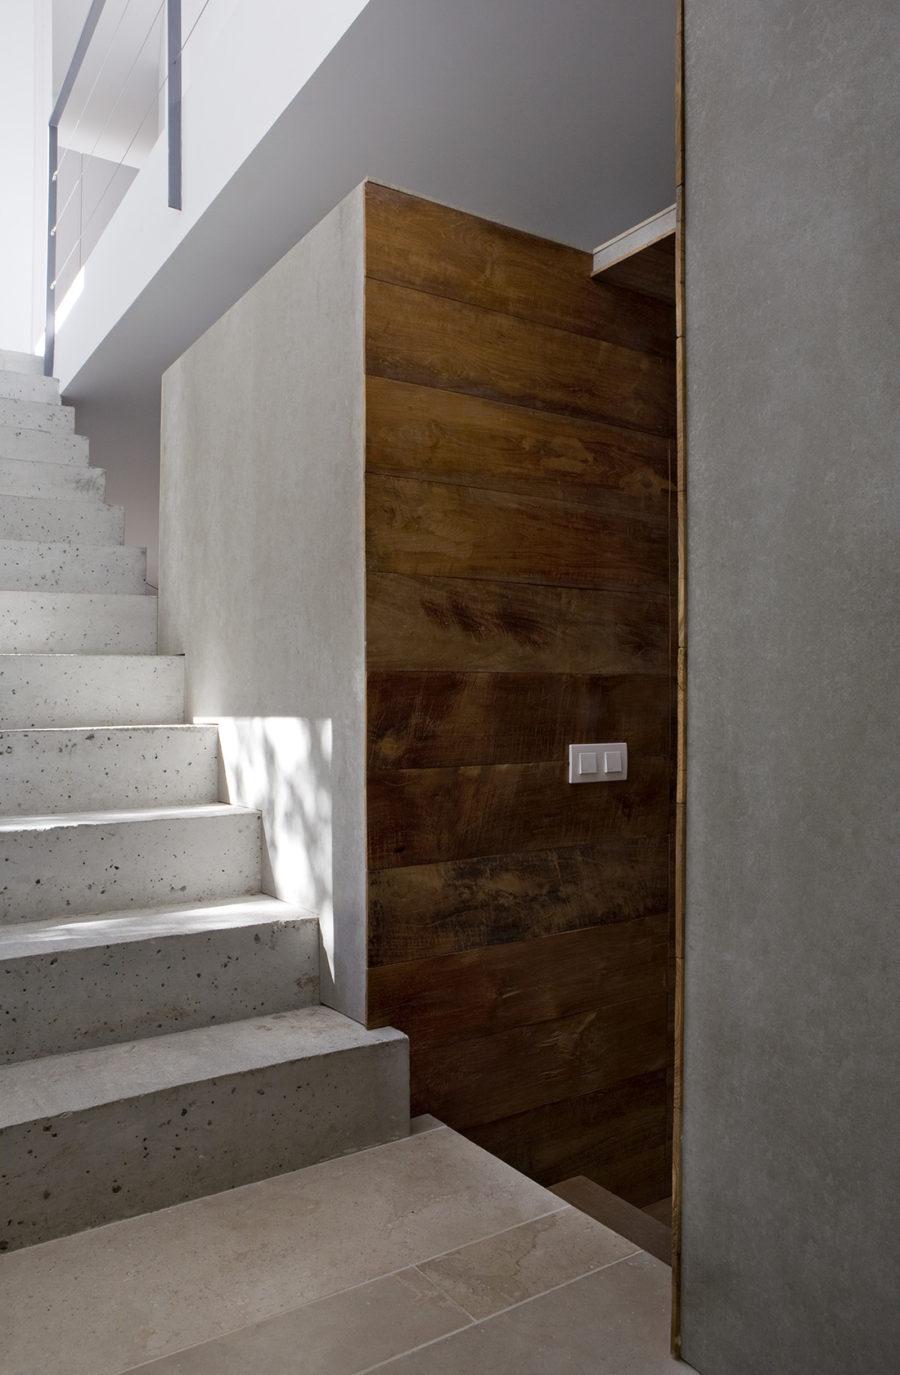 Detalle del cubo central y escalera de hormigón doble peldañeada, ÁBATON Arquitectura